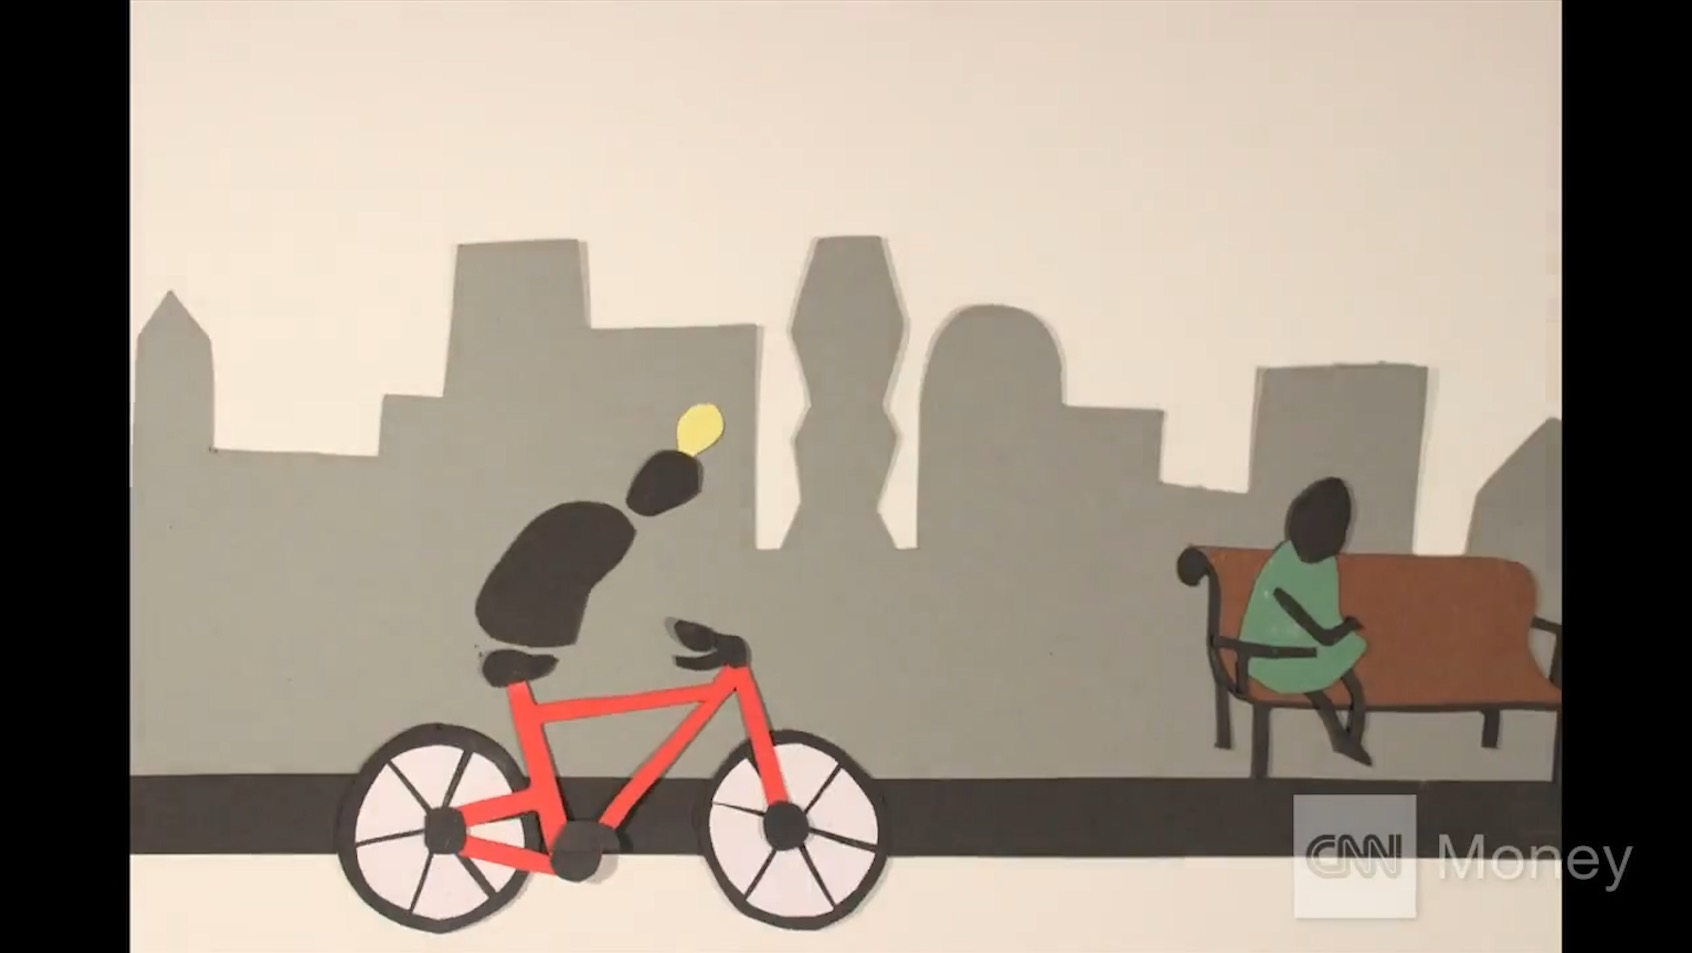 كيف يمكن بناء مدينة جديدة قائمة على الابتكار؟